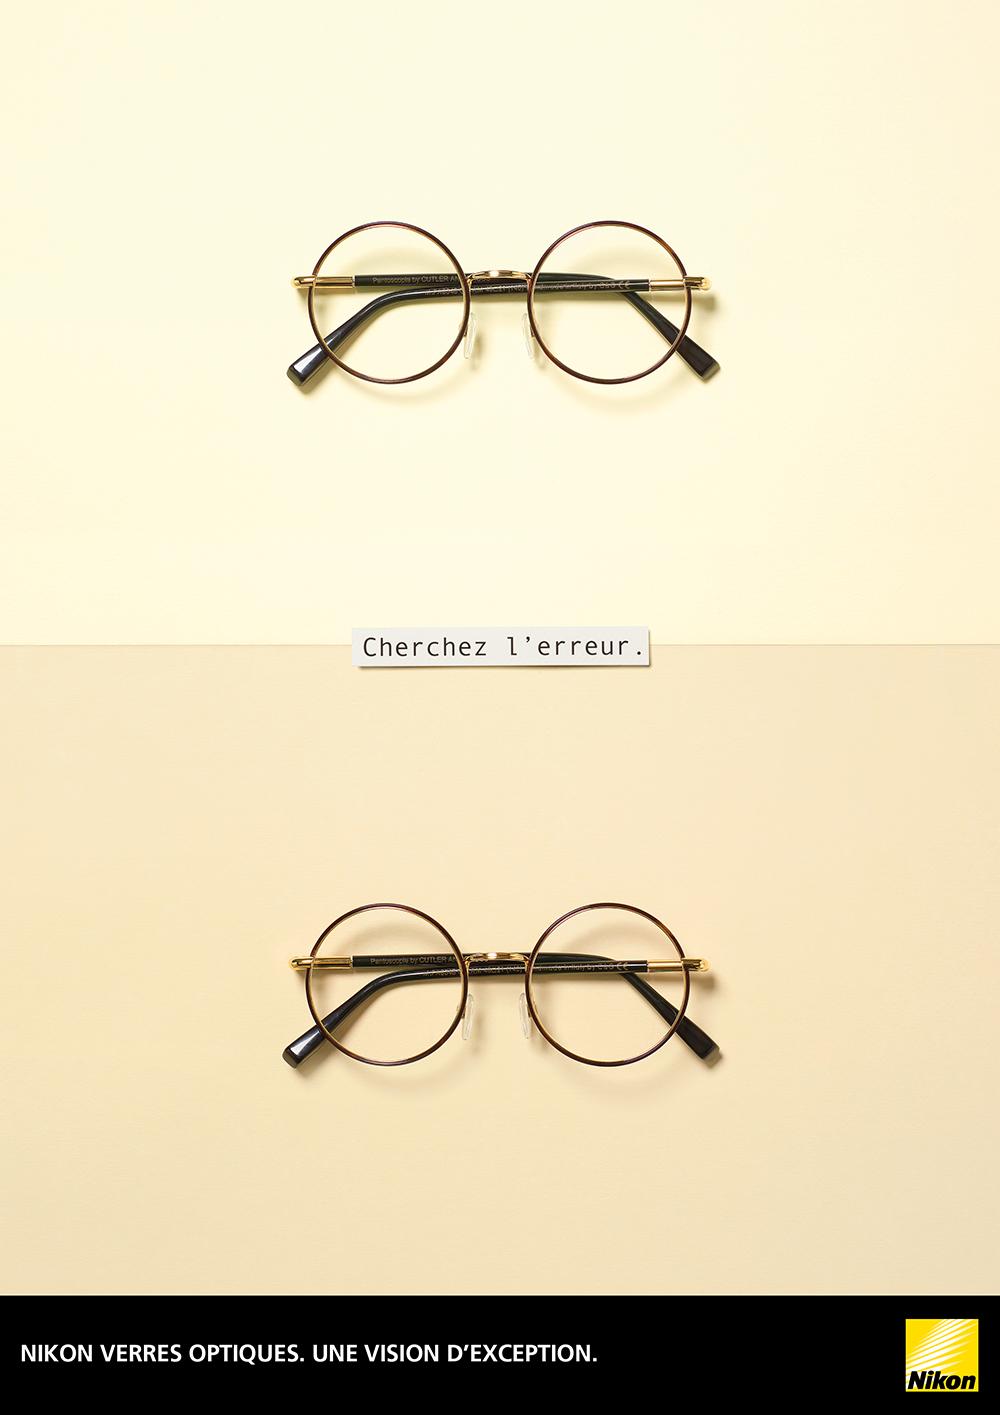 nikon-verres-optiques-publicite-print-affiche-optical-jeux-de-mots-vue-vision-agence-altmann-pacreau-5